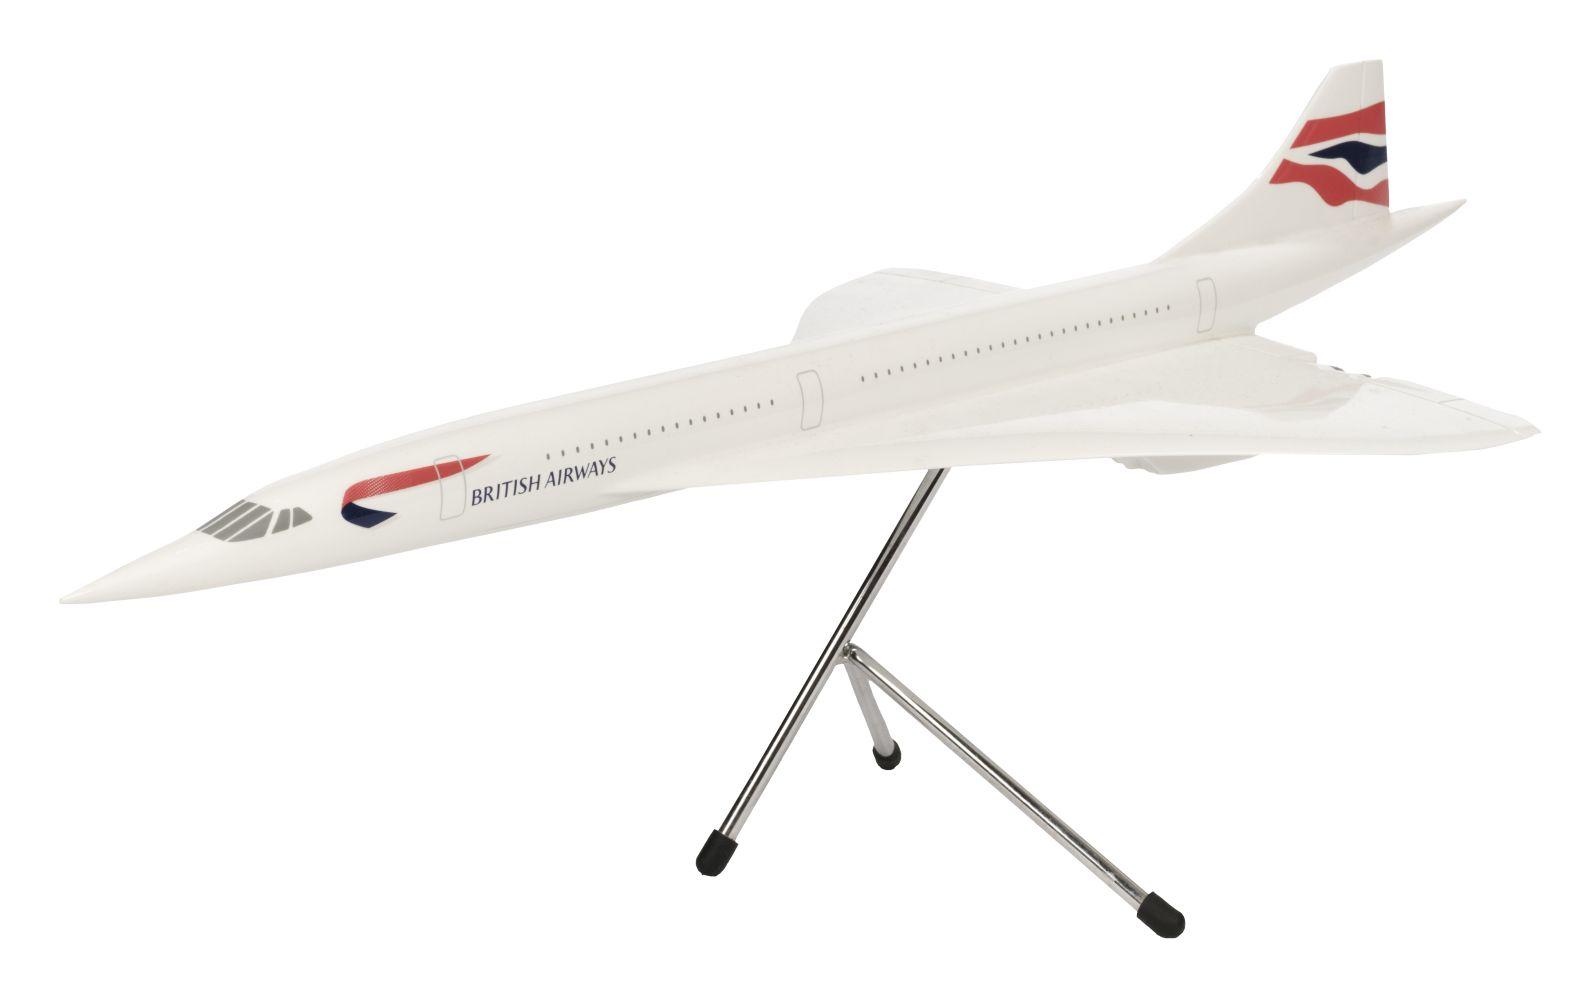 * Concorde. British Airways Concorde Model